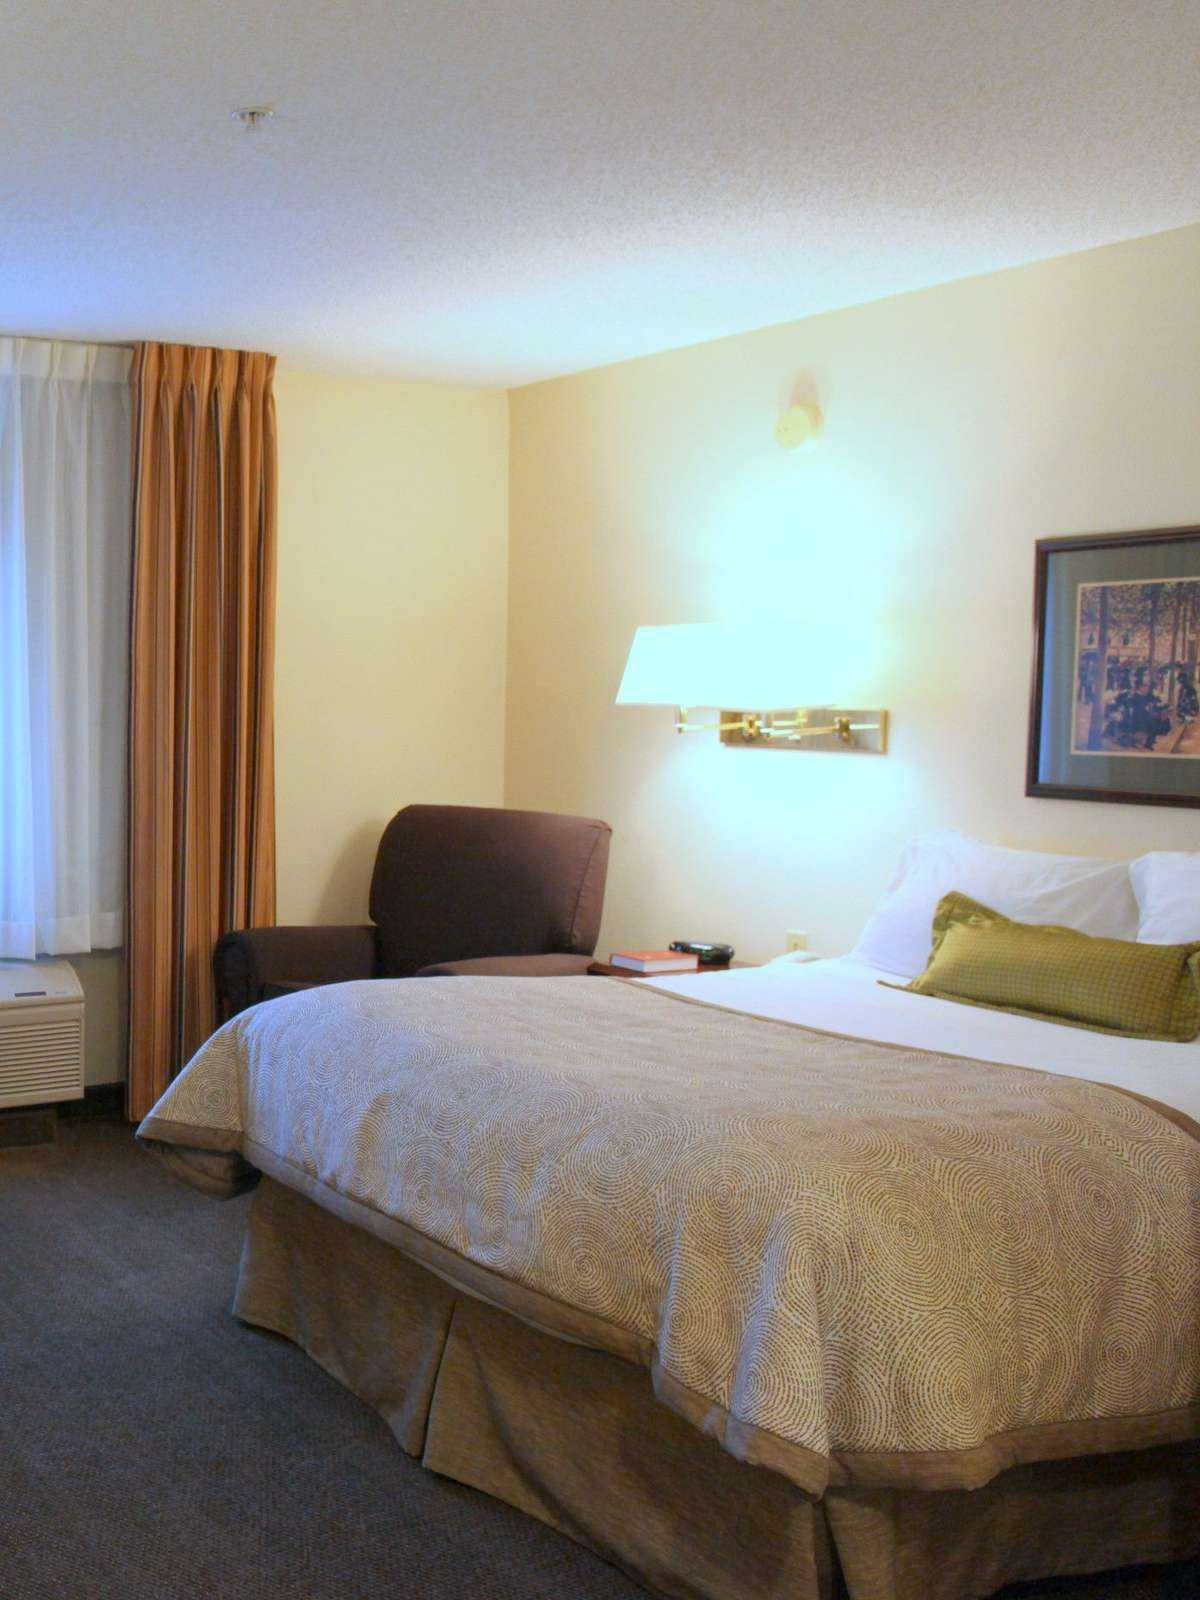 Candlewood Suites Destin Sandestin Area